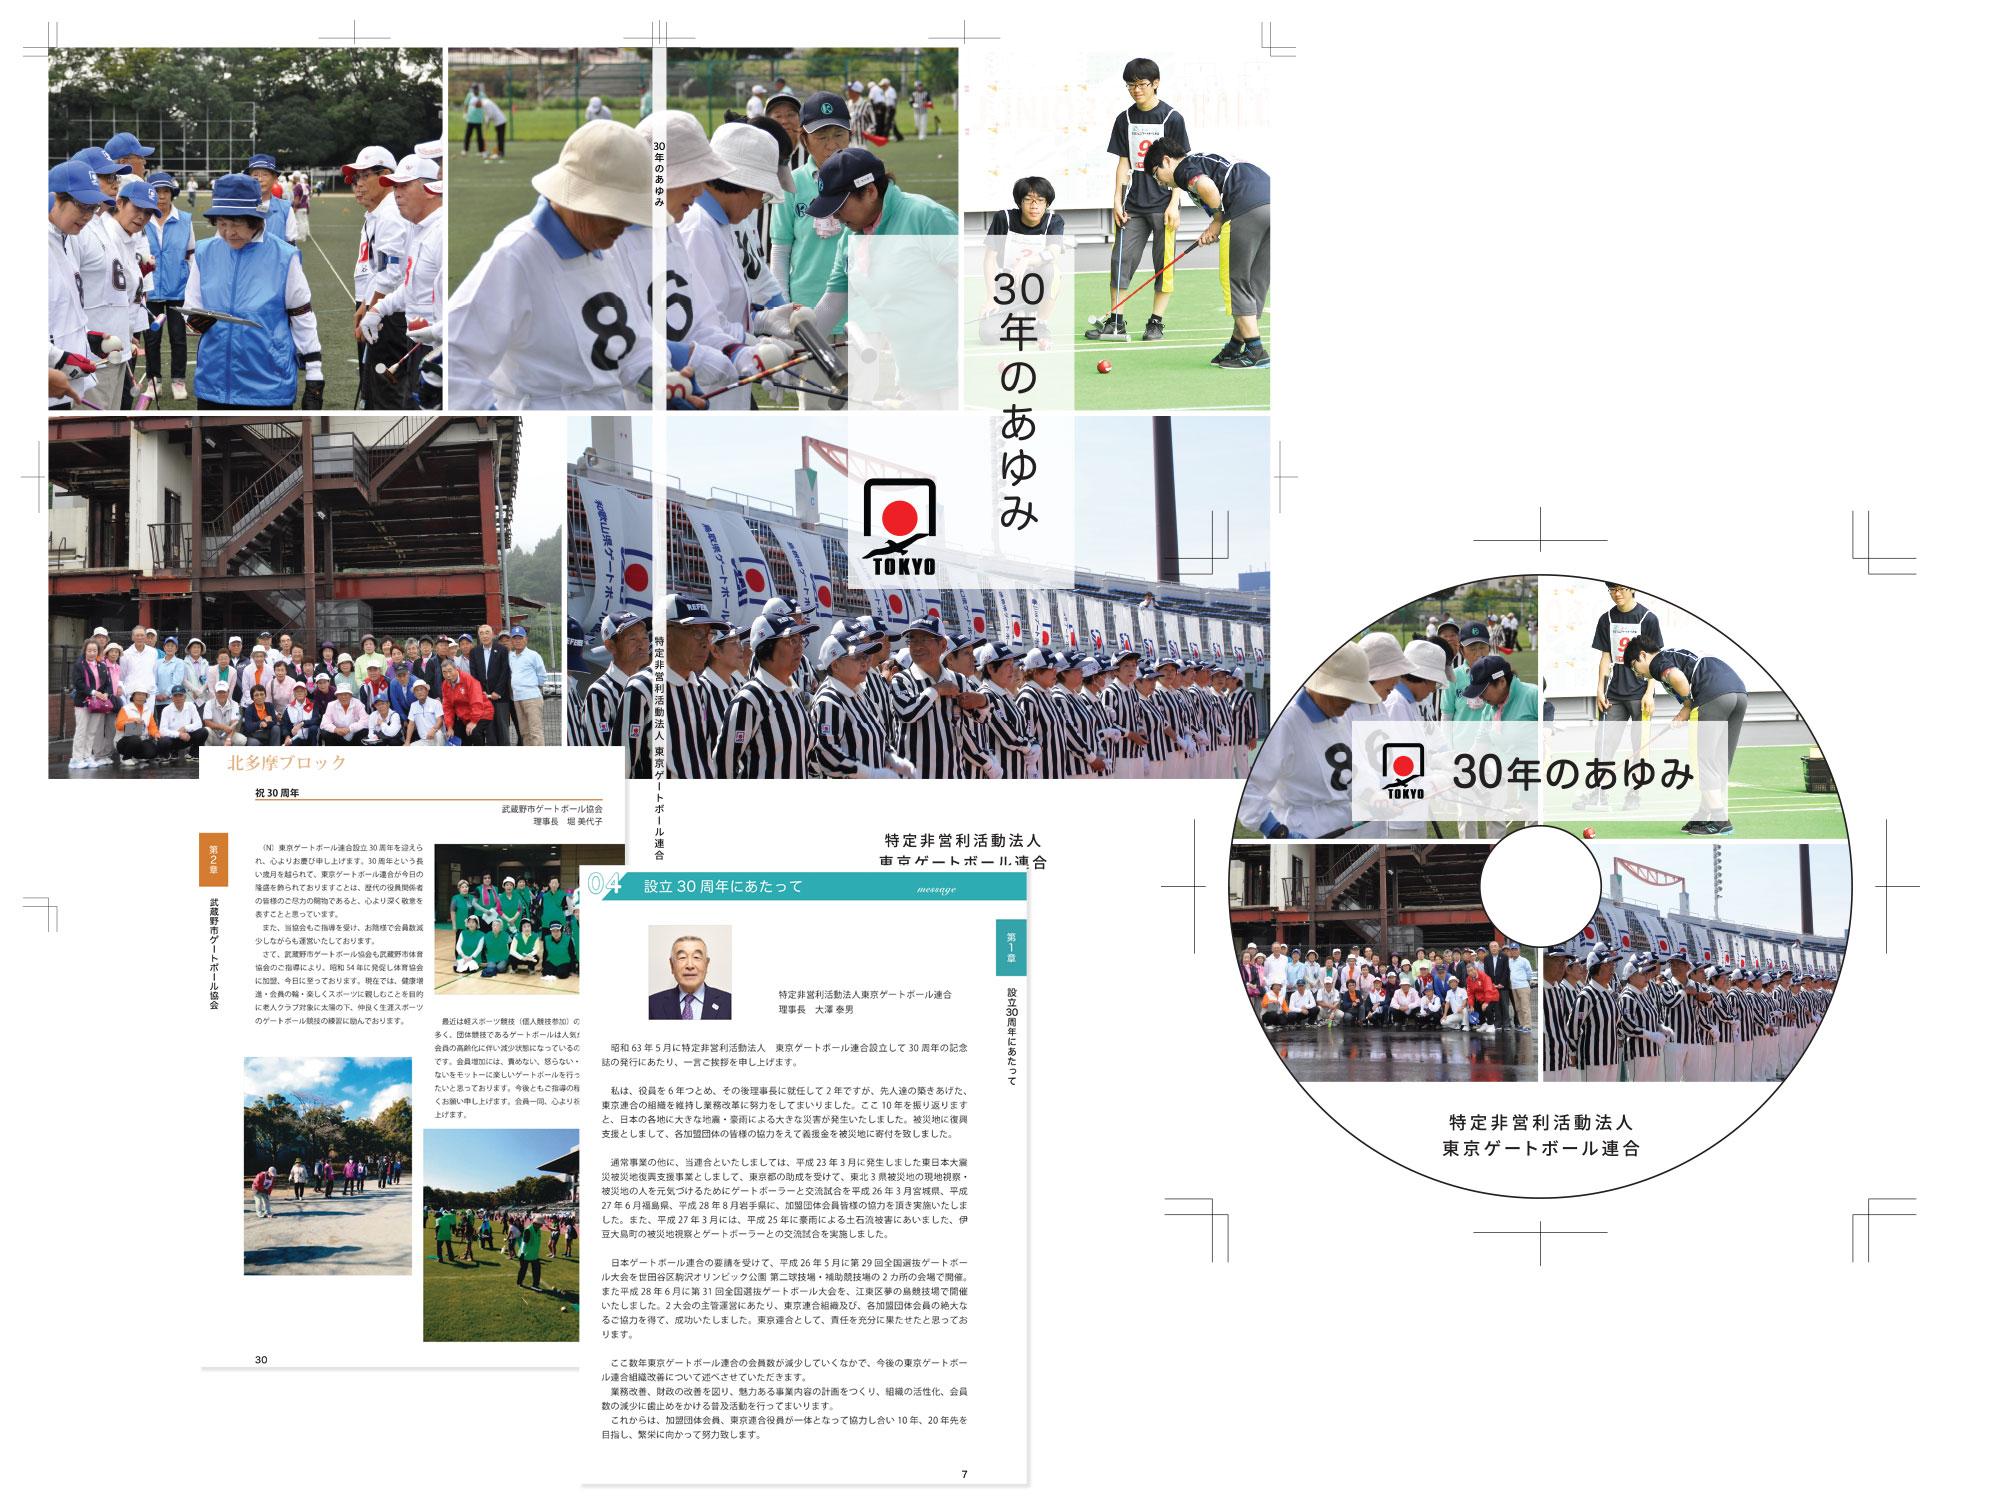 東京ゲートボール連合 30周年記念誌